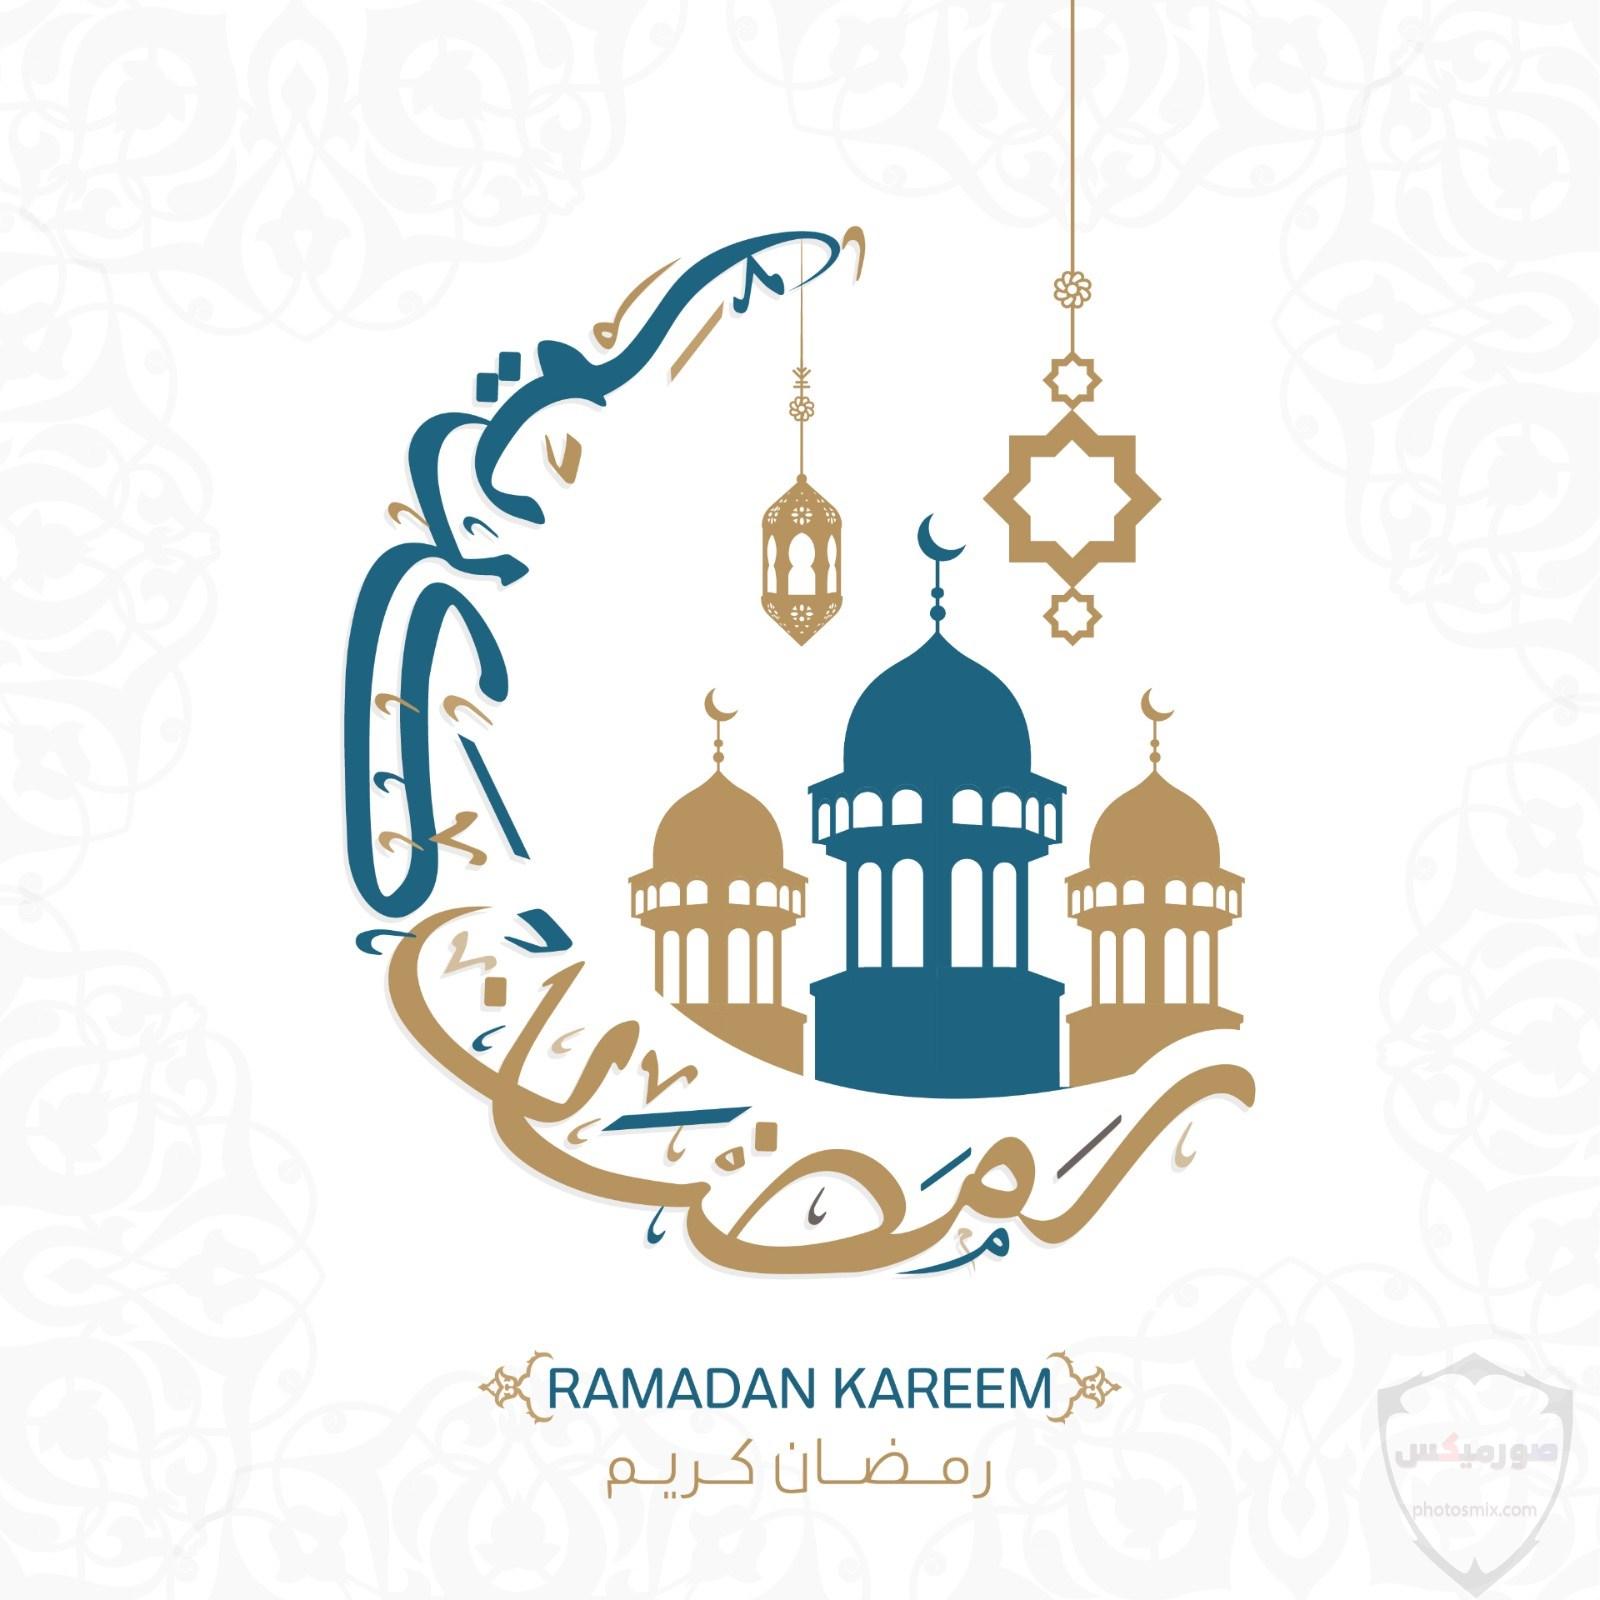 صور رمضان 2020 خلفيات صور رمضان 2020 9 1